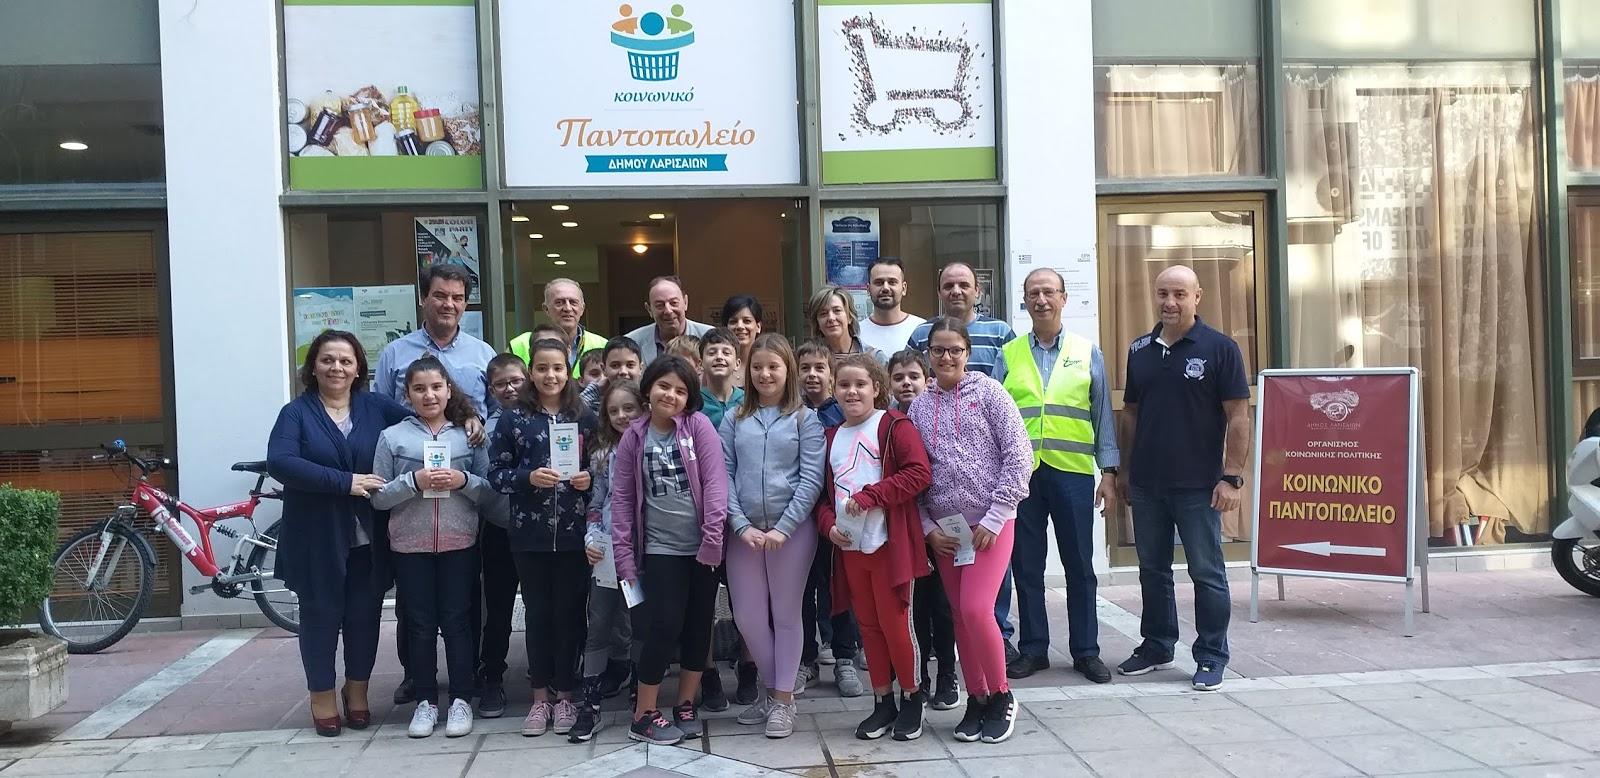 Εκπαιδευτικό εργαστήριο εθελοντισμού στο Κοινωνικό Παντοπωλείο Λάρισας